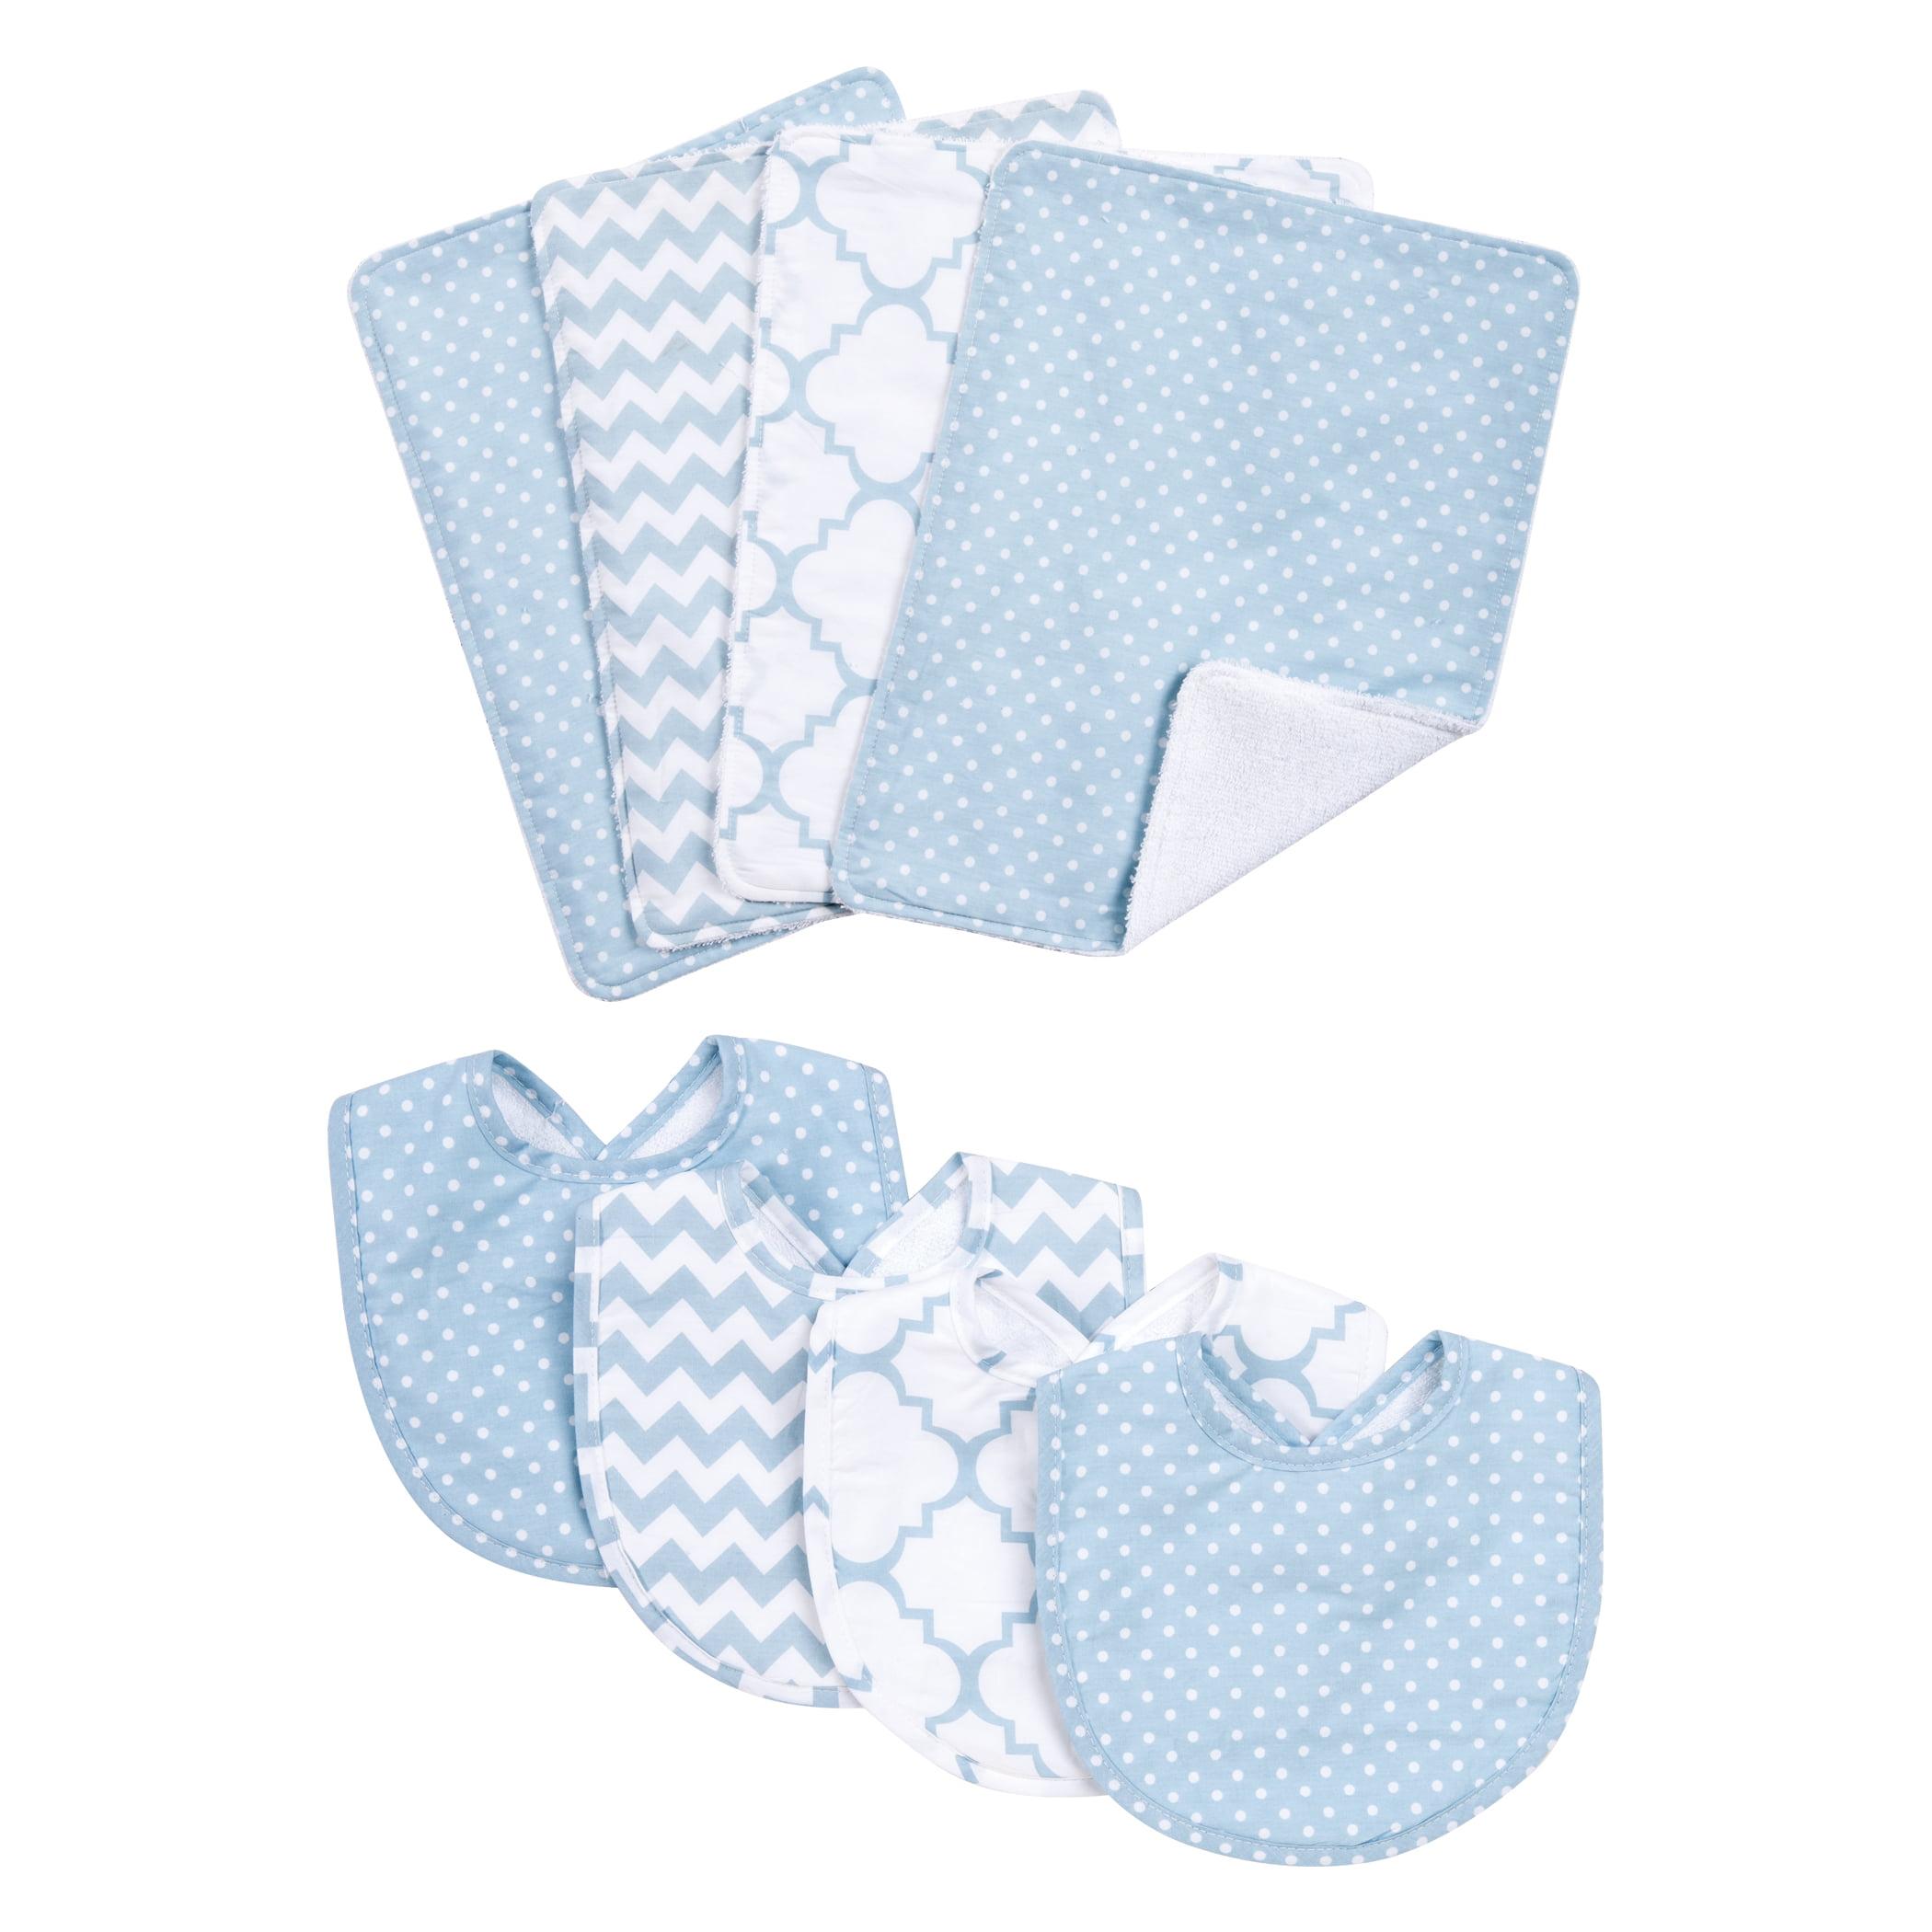 Blue Sky 8 Piece Bib and Burp Cloth Set